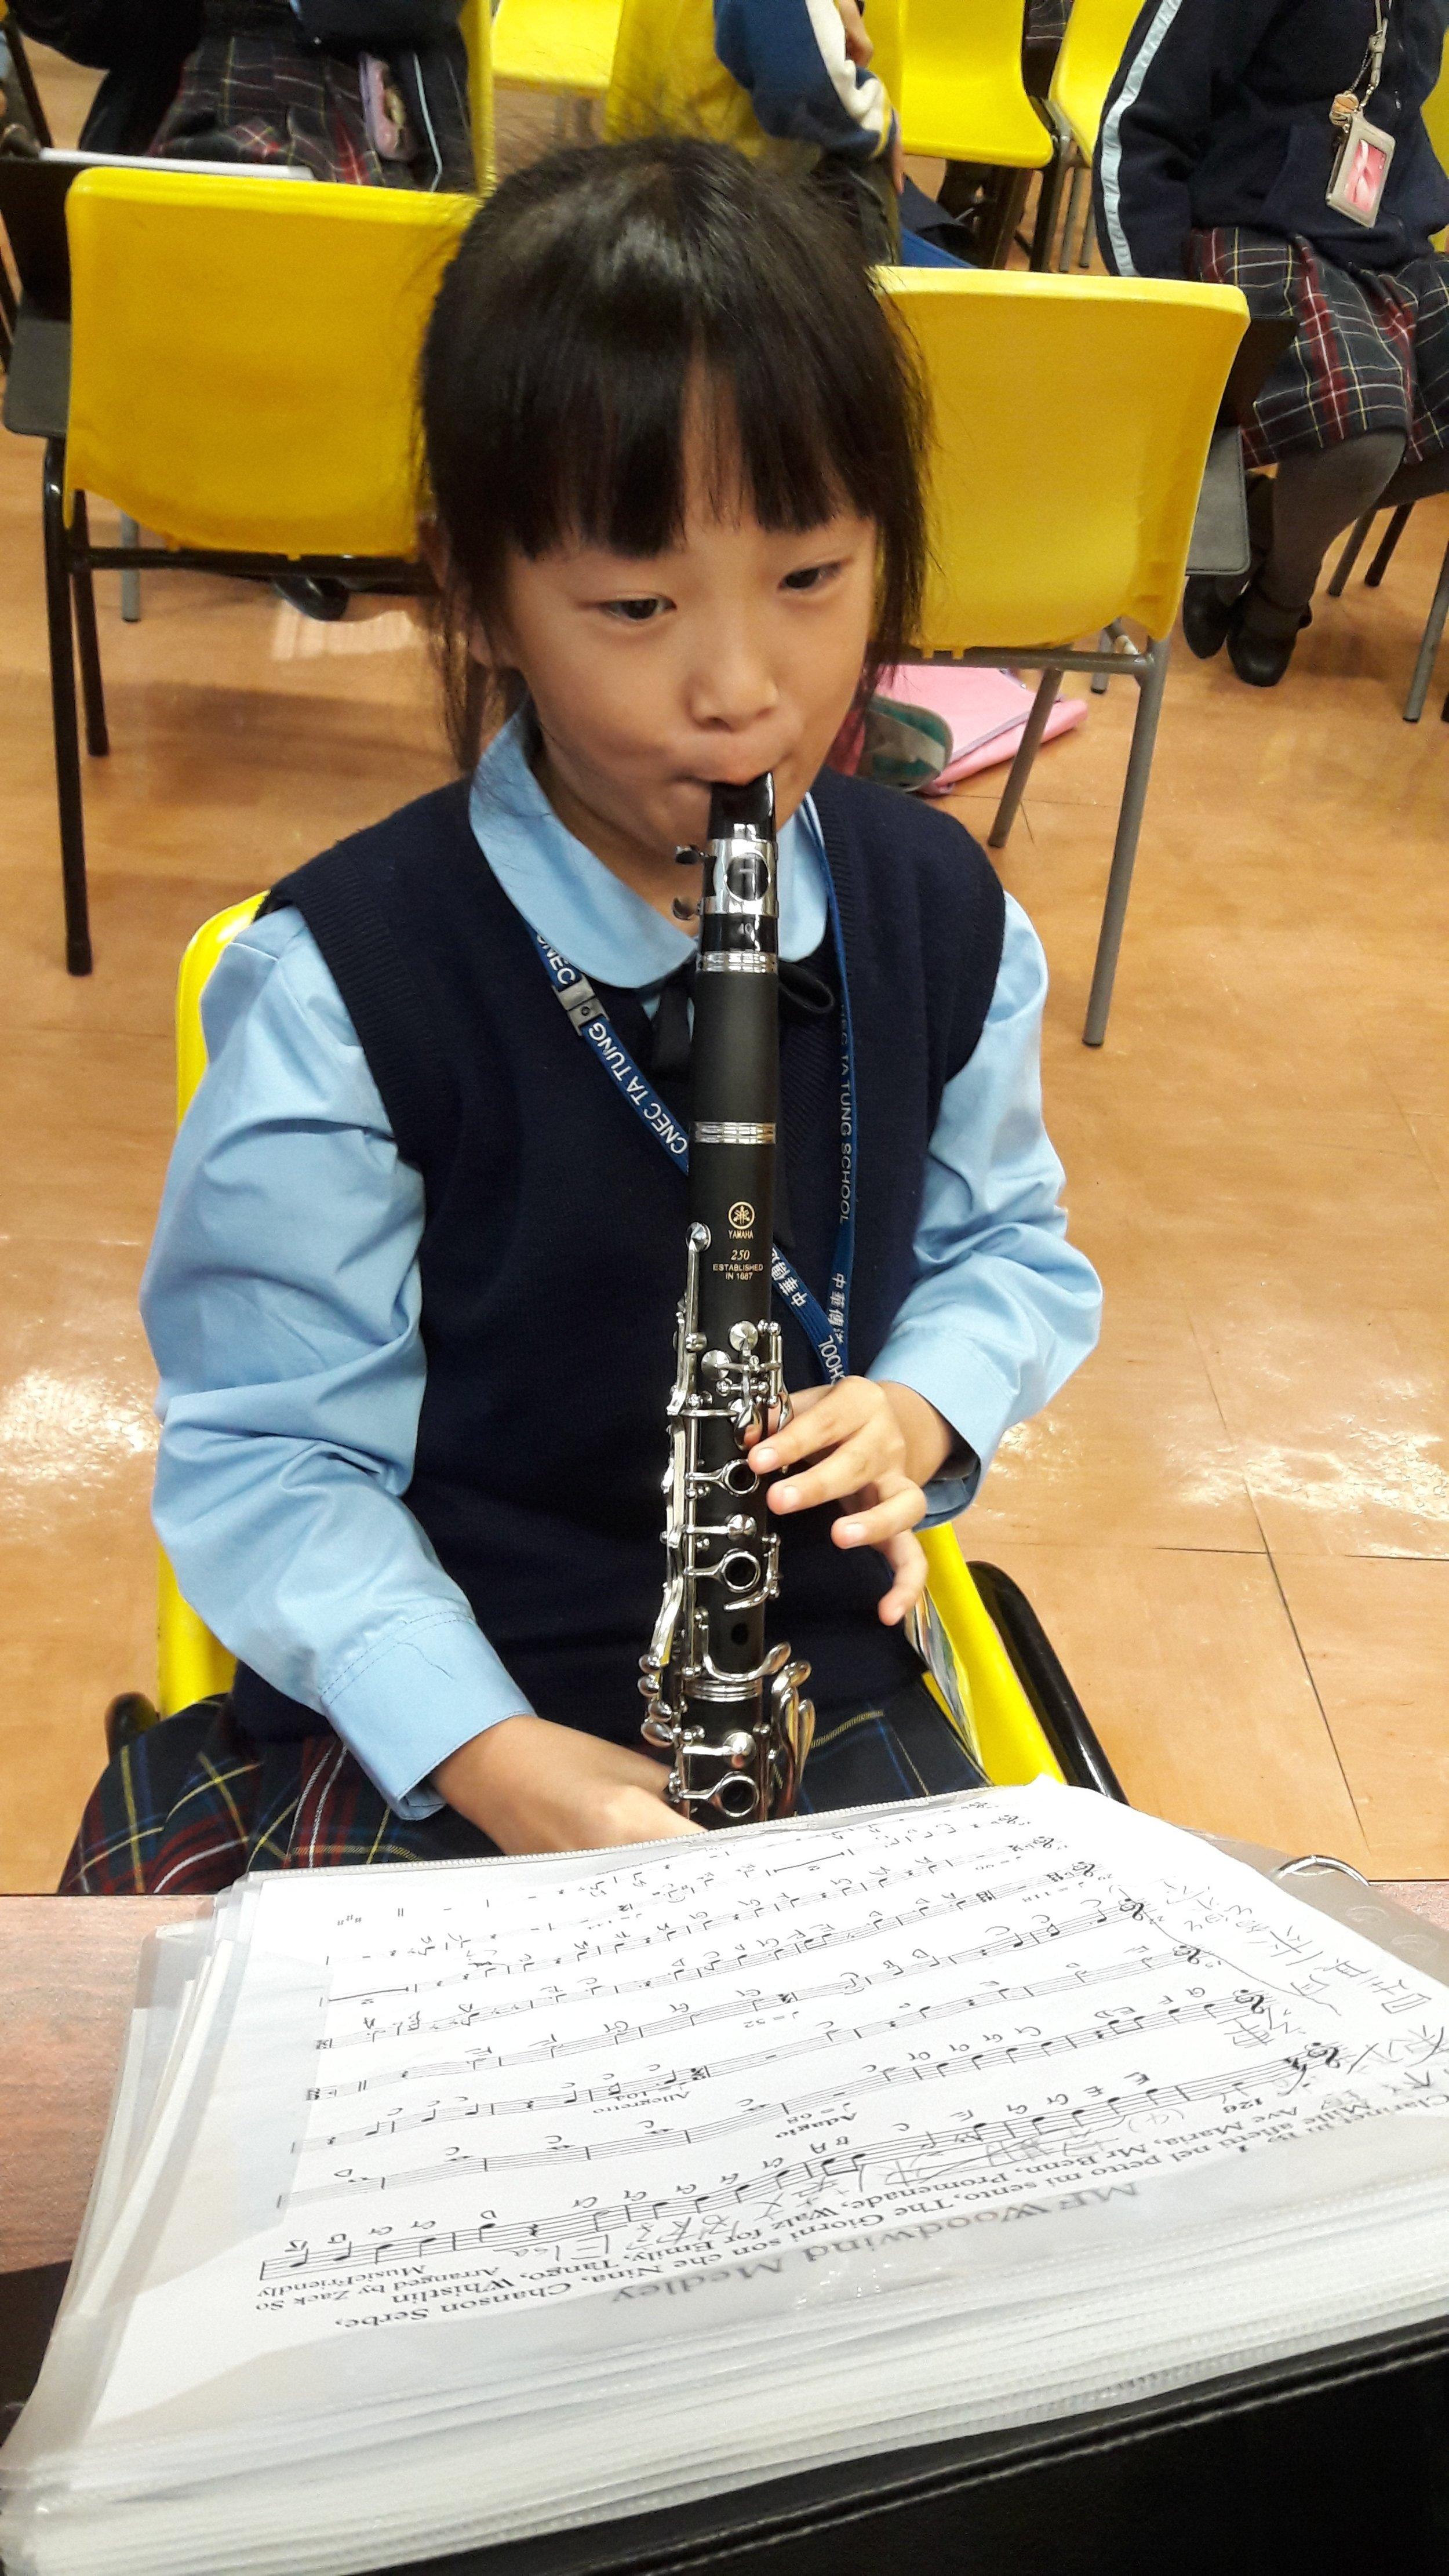 同學認真地吹奏單簧管